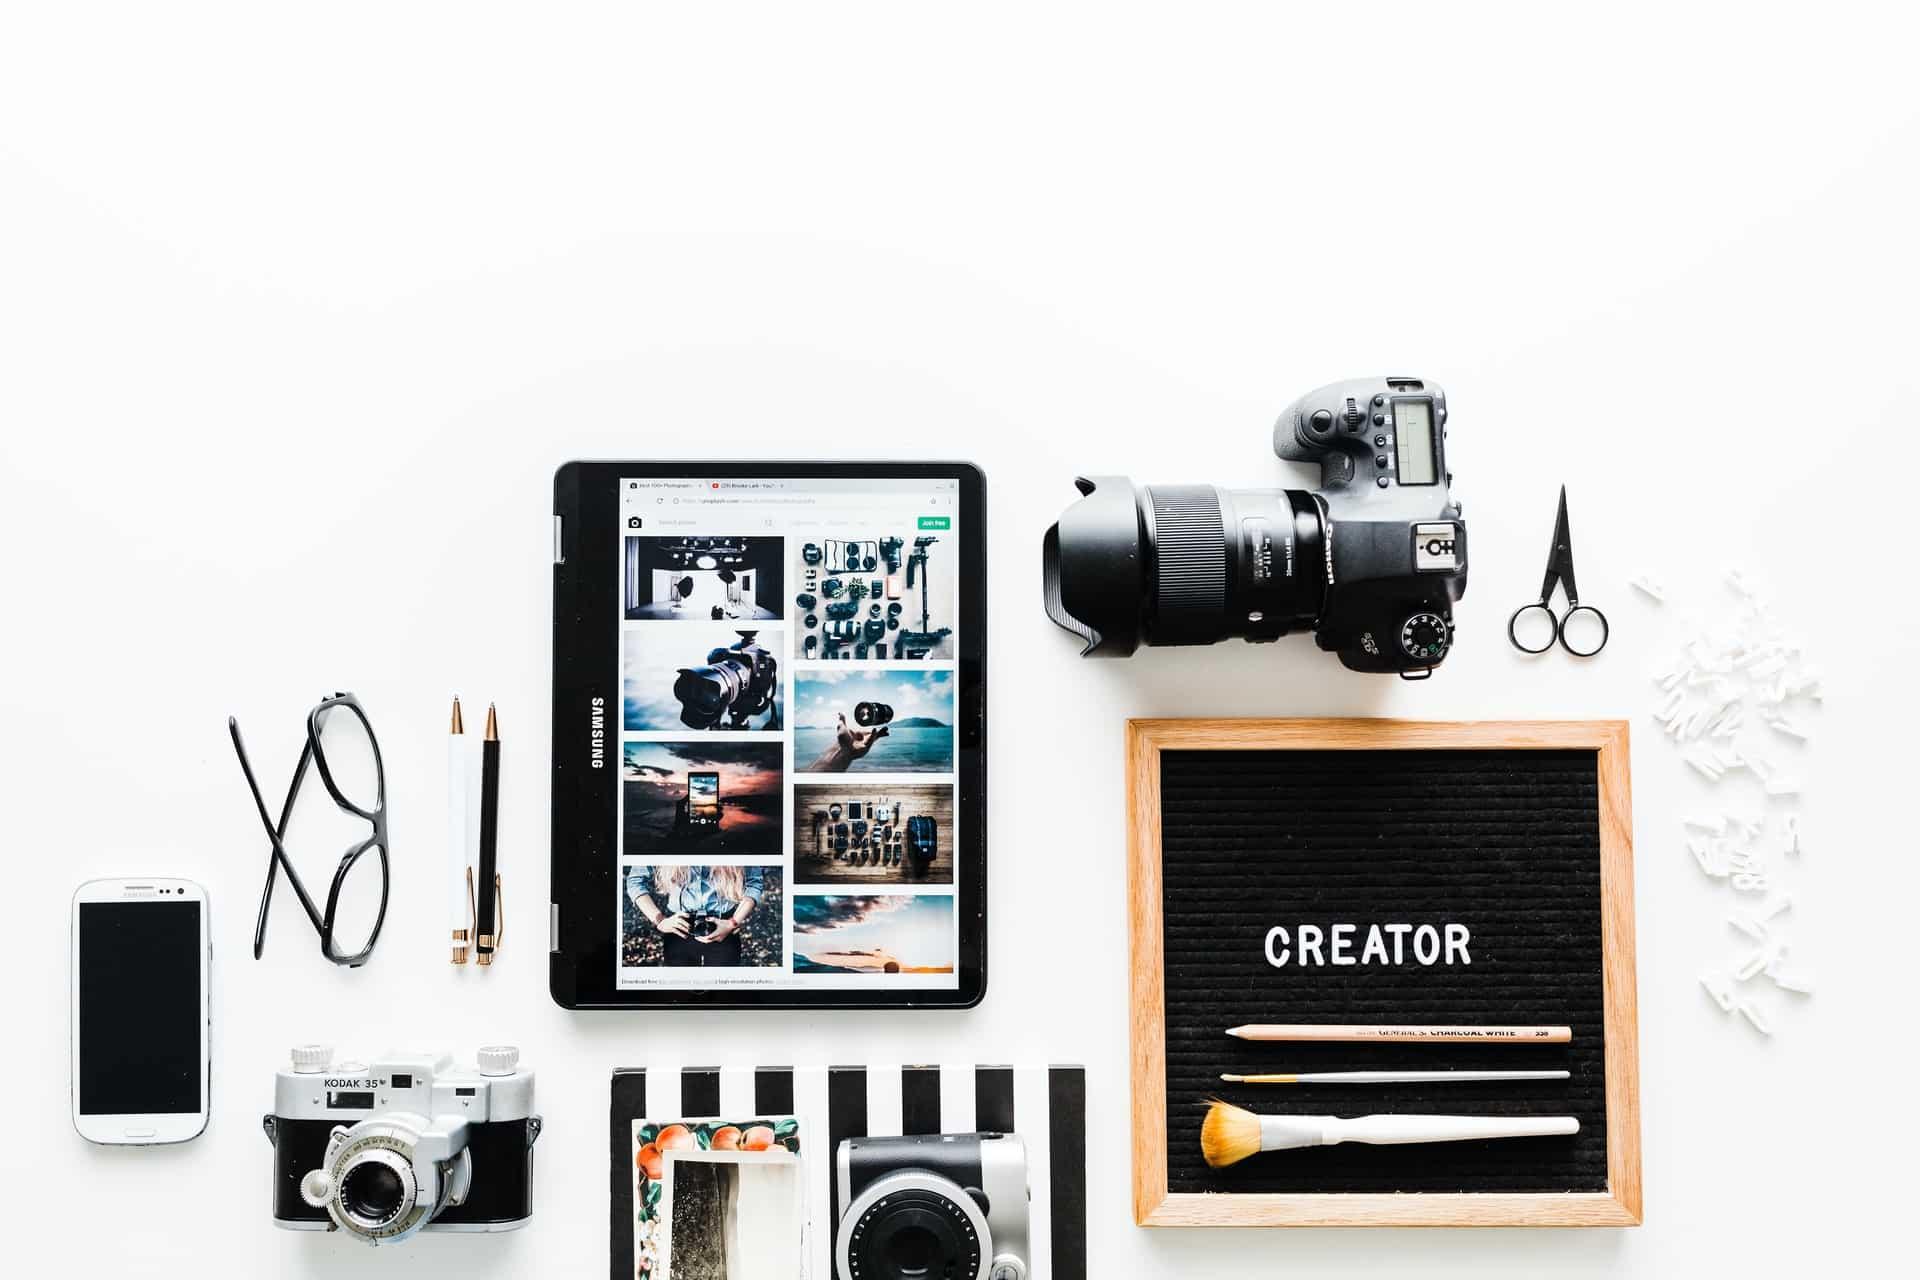 Consejos de marketing para hacer crecer tu negocio con vídeo